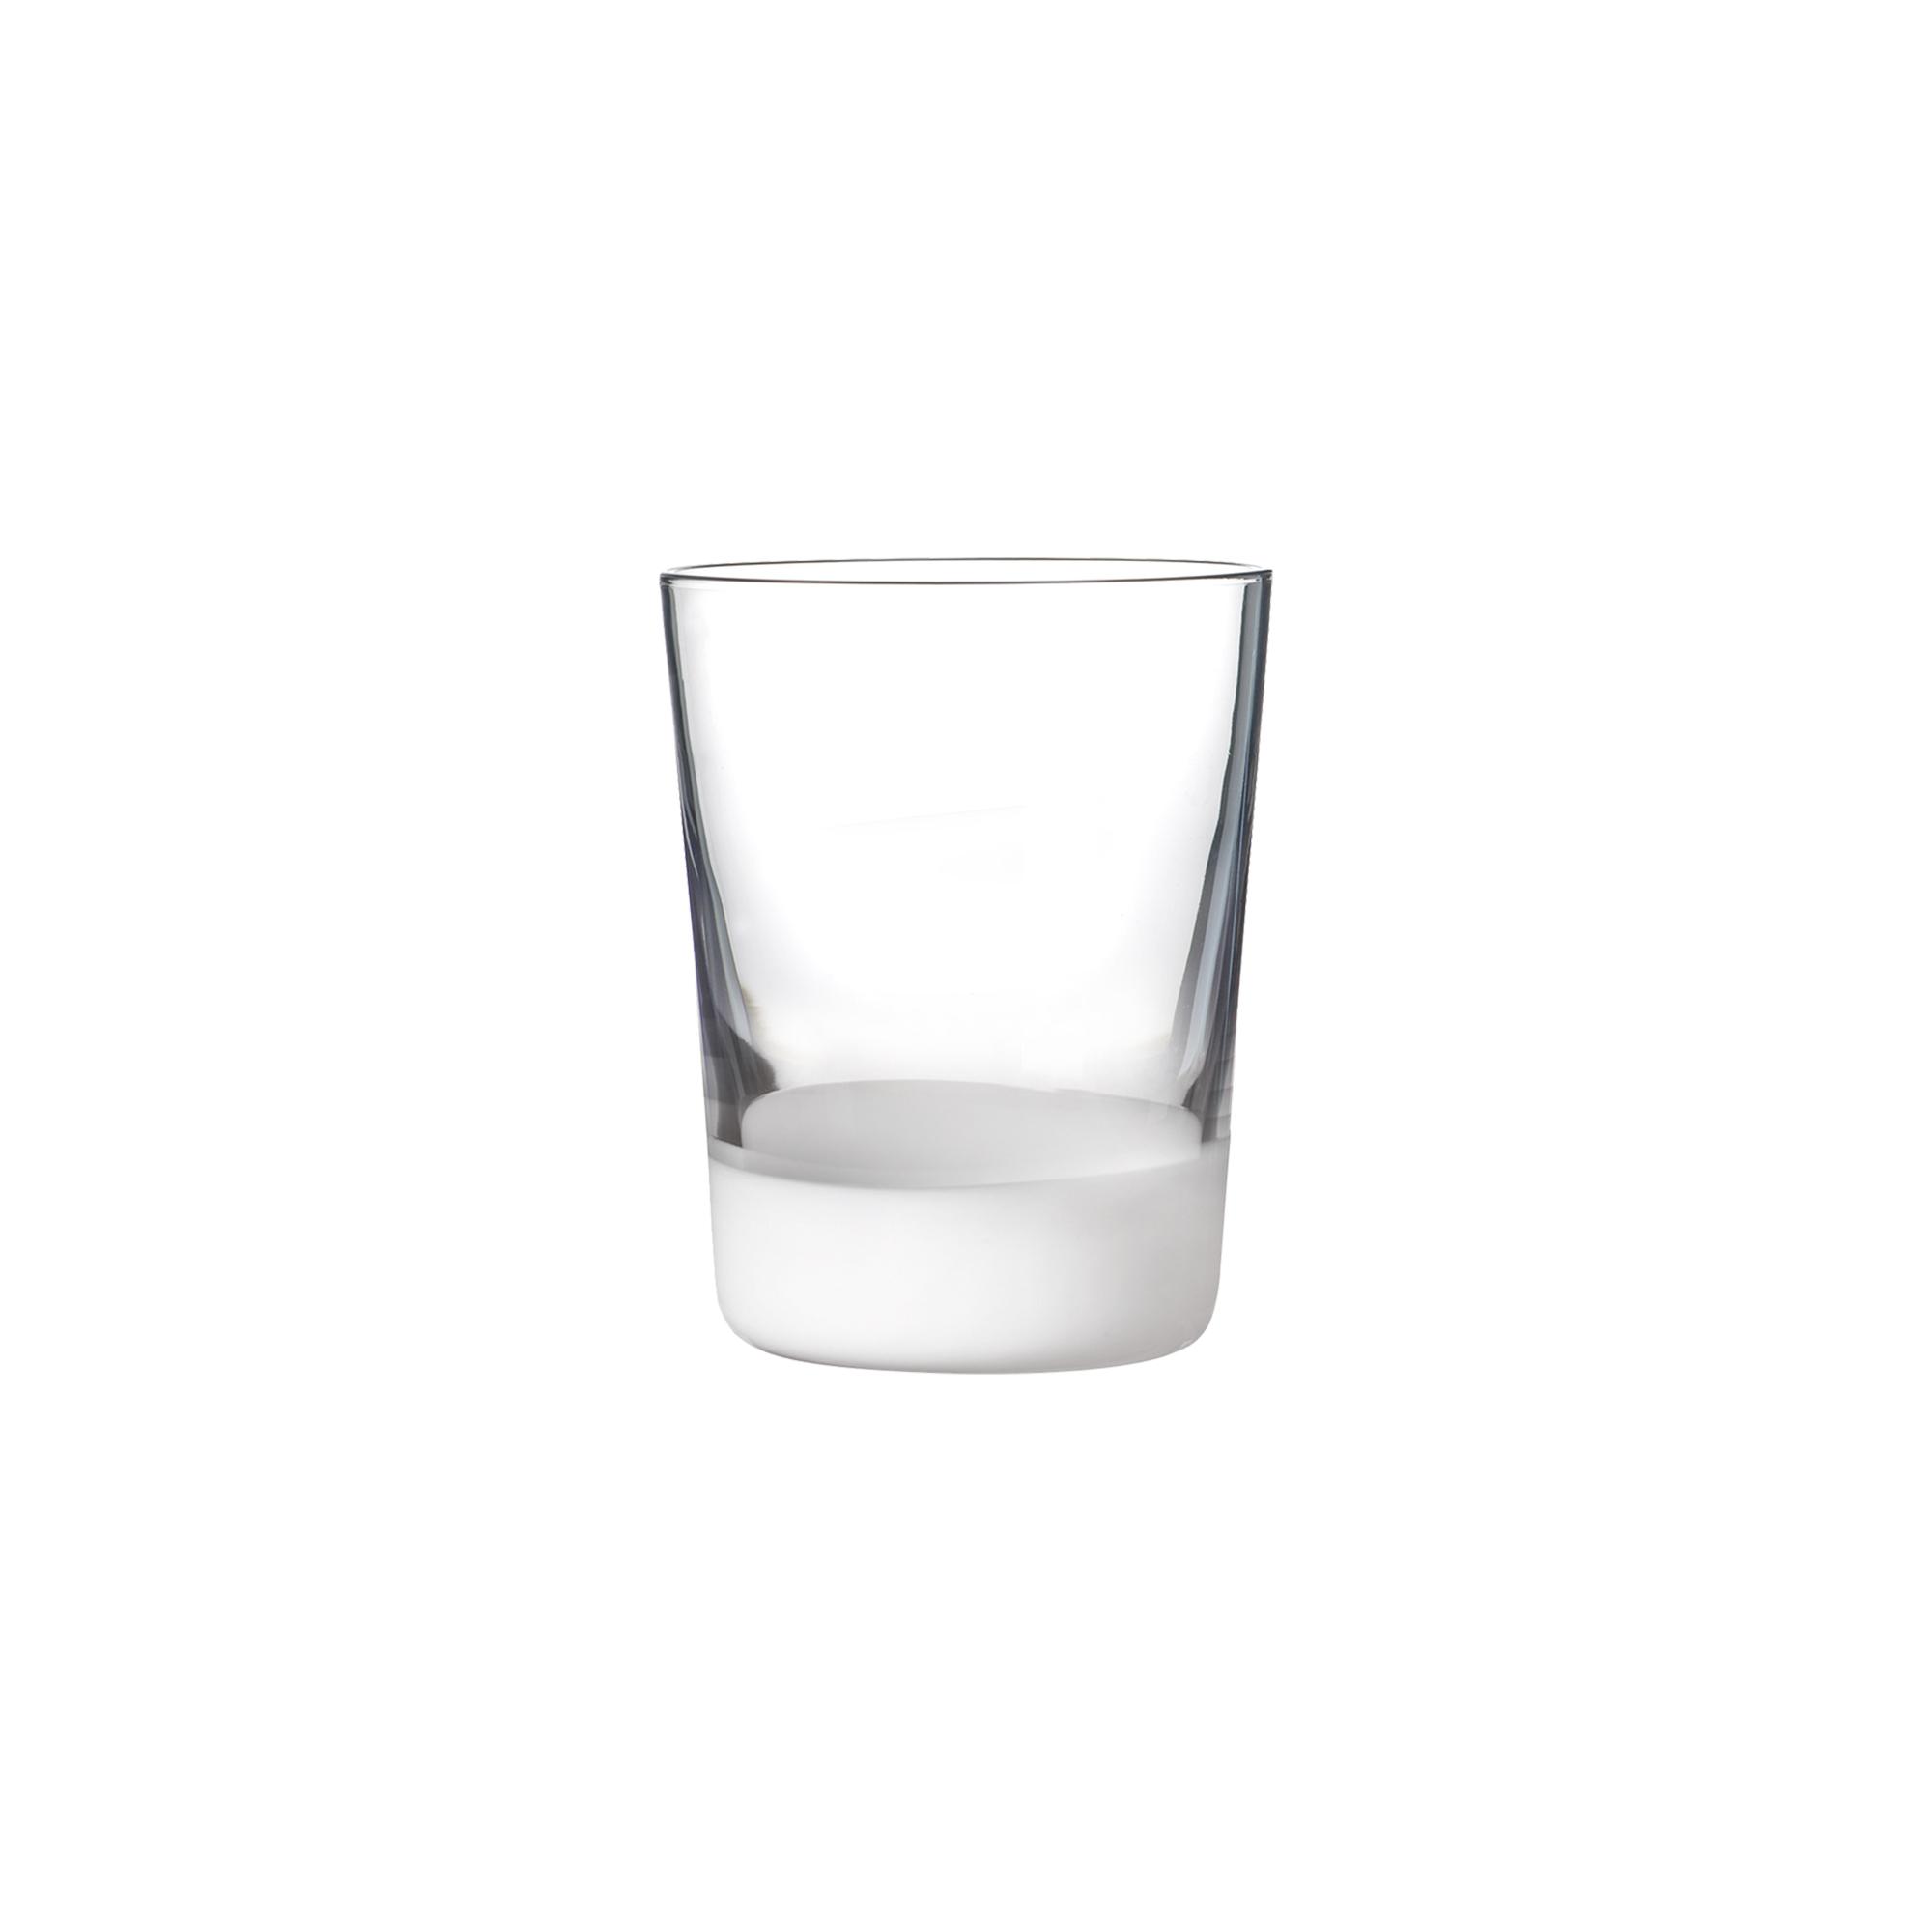 Gobelet en verre soufflé bouche blanc 39 cl - Lot de 6